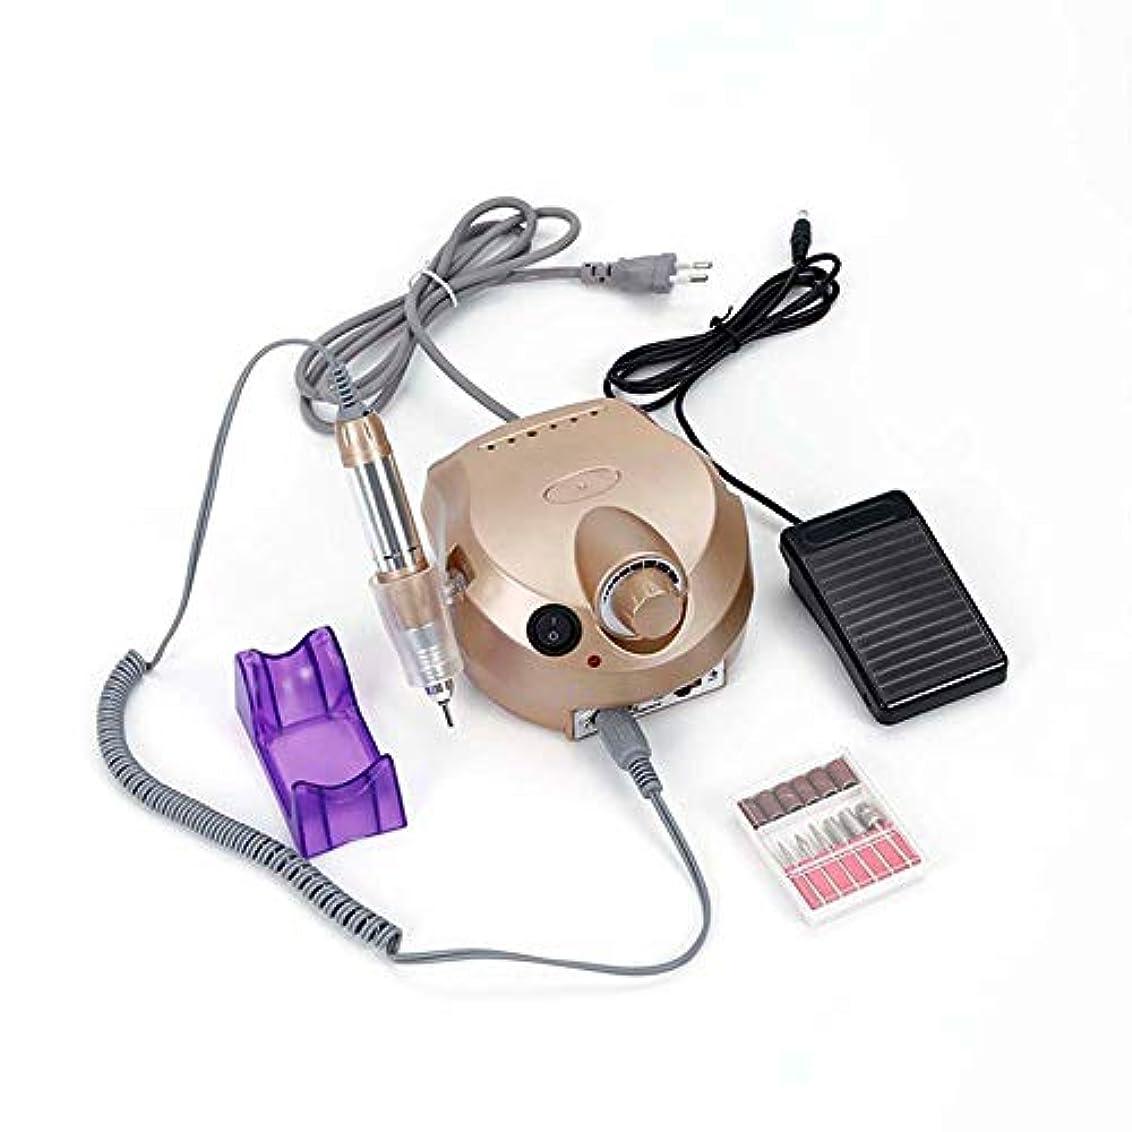 擁するアクセスできないコード電動ドリルファイル機セット30ワット30000 rpmプロの研磨機ペディキュアとマニキュアセットネイルサロンツール,Gold